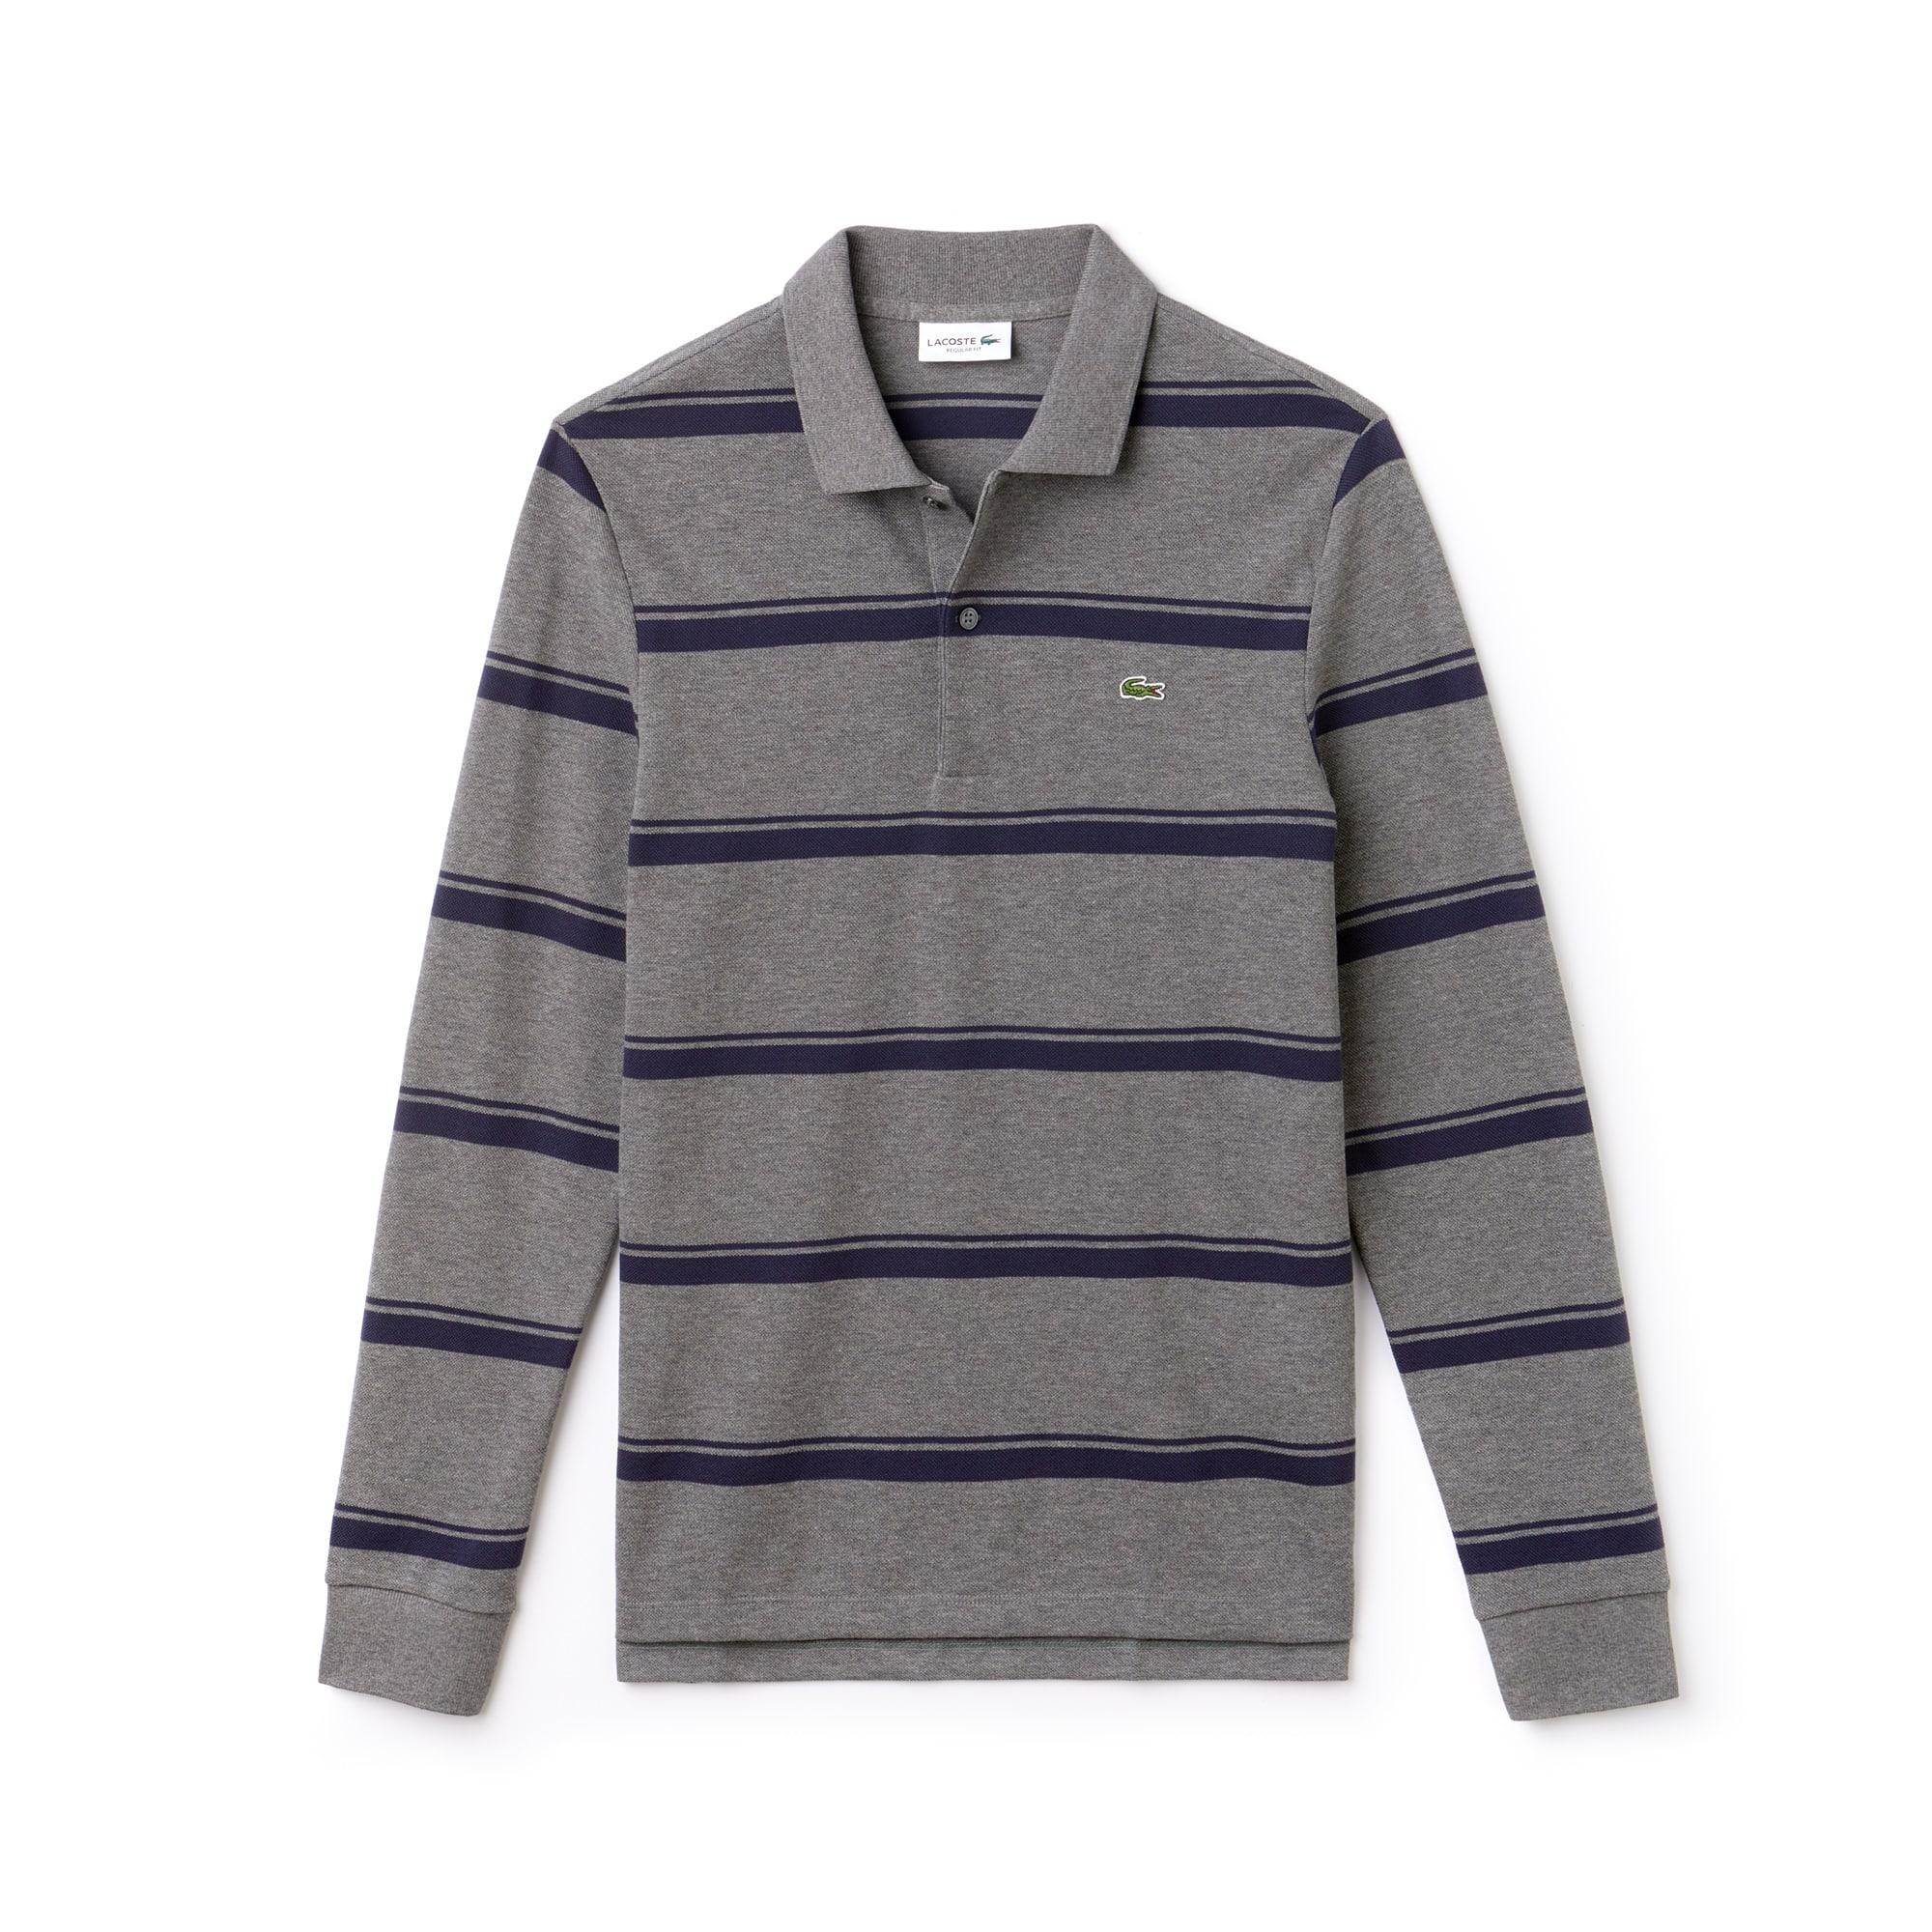 Lacoste男士修身版条纹轻薄凸纹网眼面料Polo衫